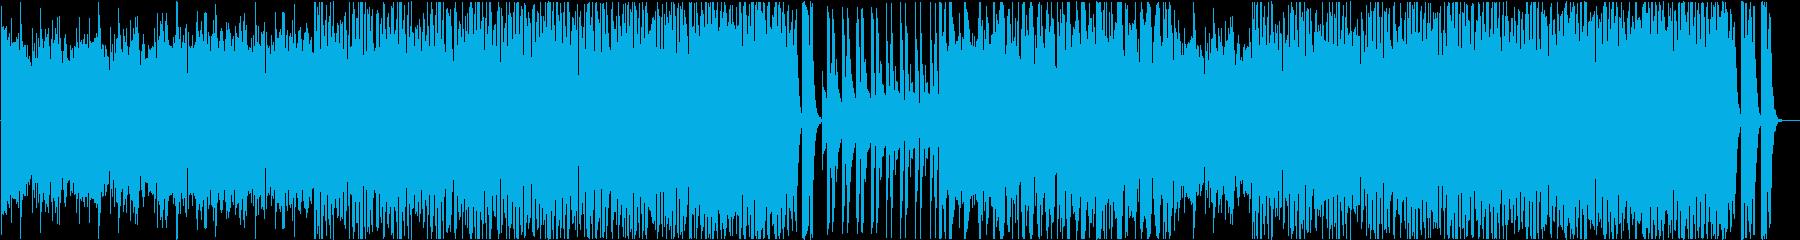 ホラー映画風BGMの再生済みの波形